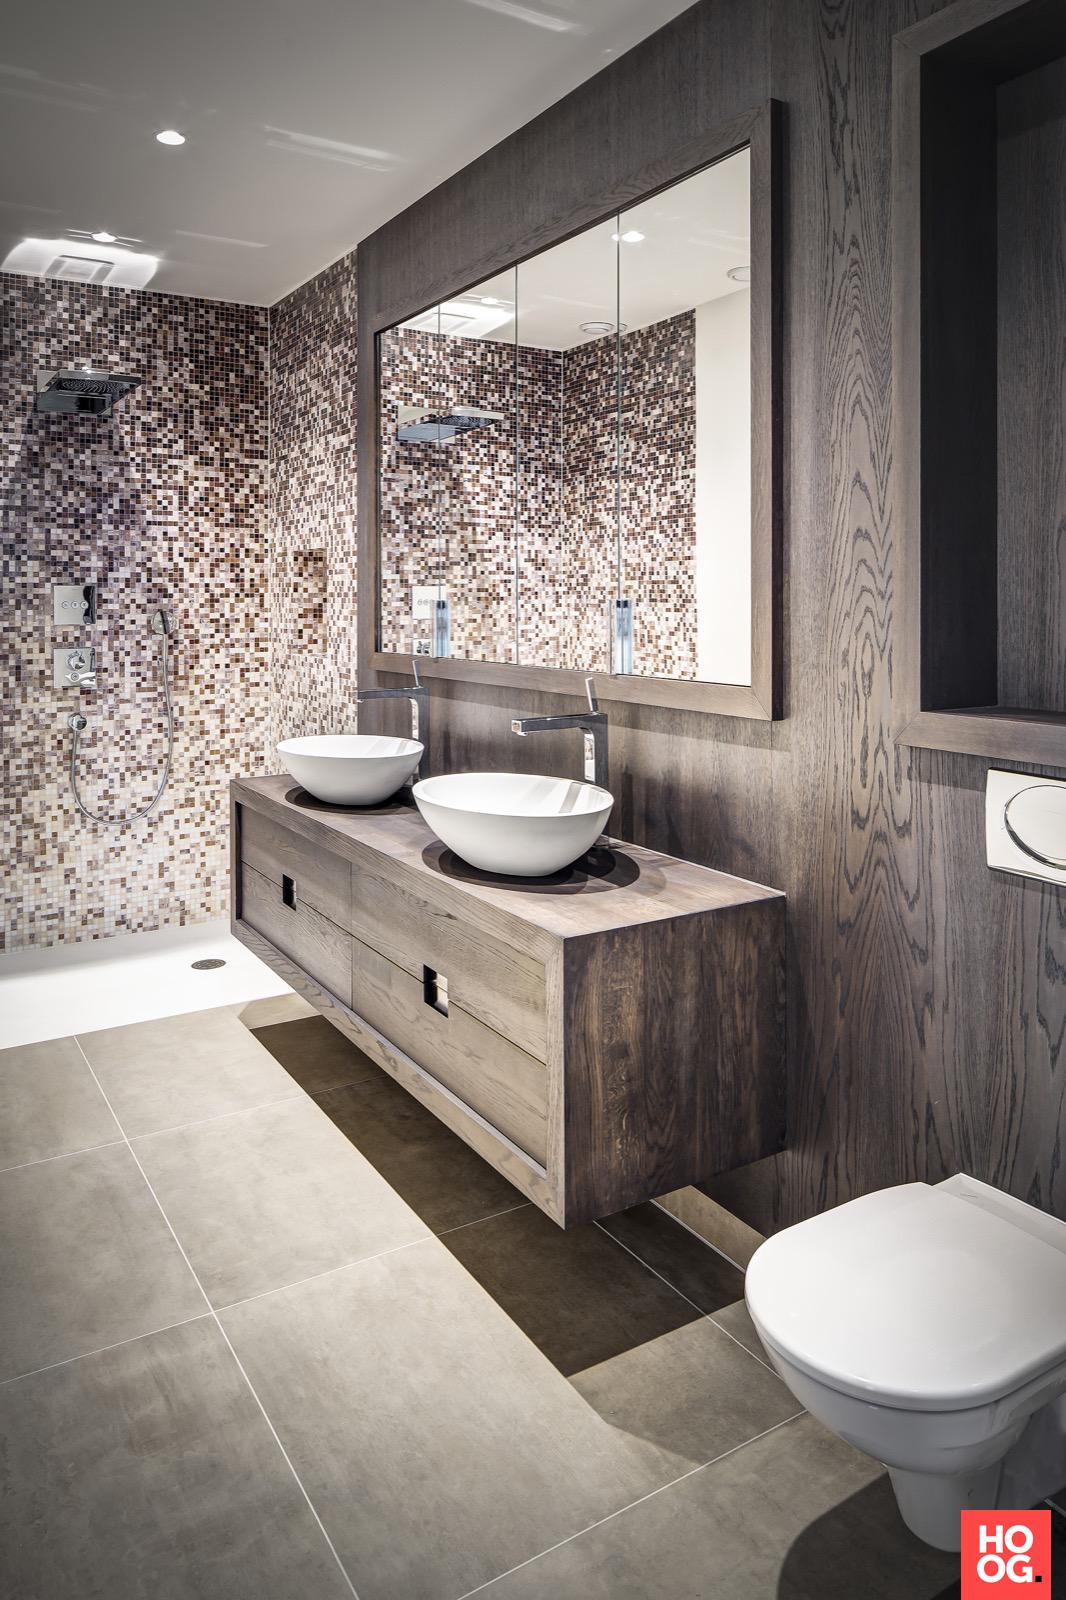 Afbeeldingsresultaat voor exclusieve badkamer | badkamer thuishaven ...